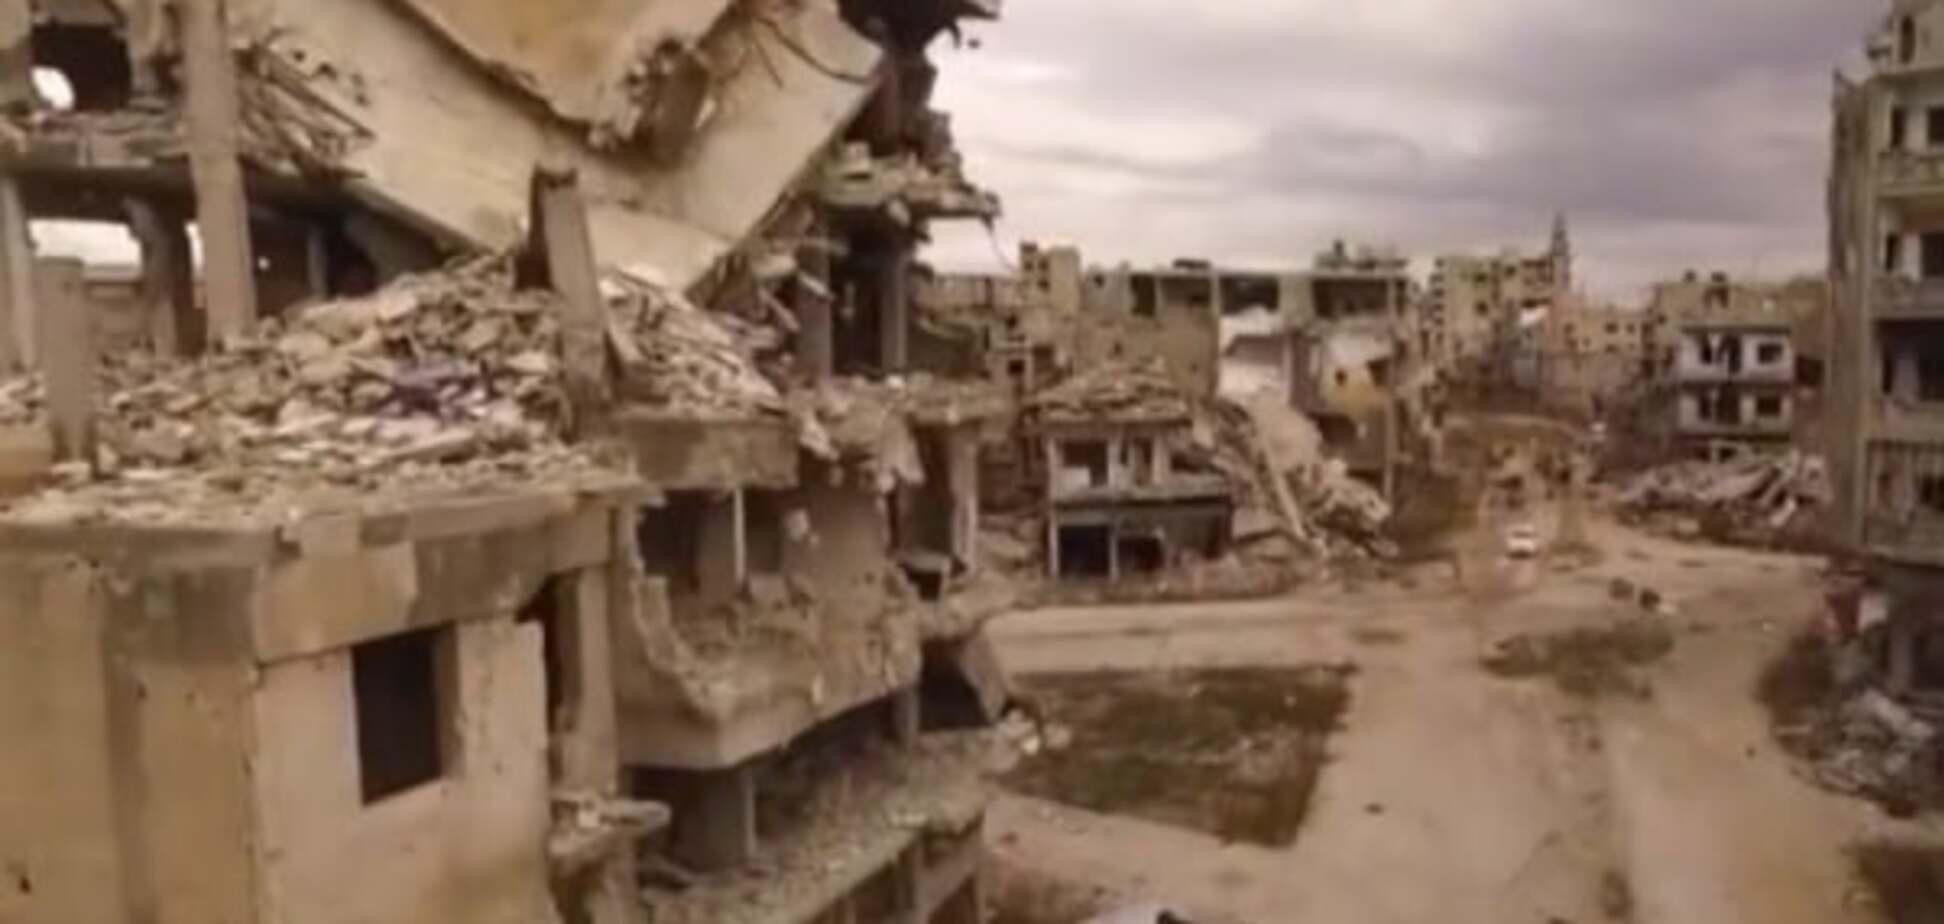 Одни руины: российская авиация разбомбила сирийский город: ужасающее видео